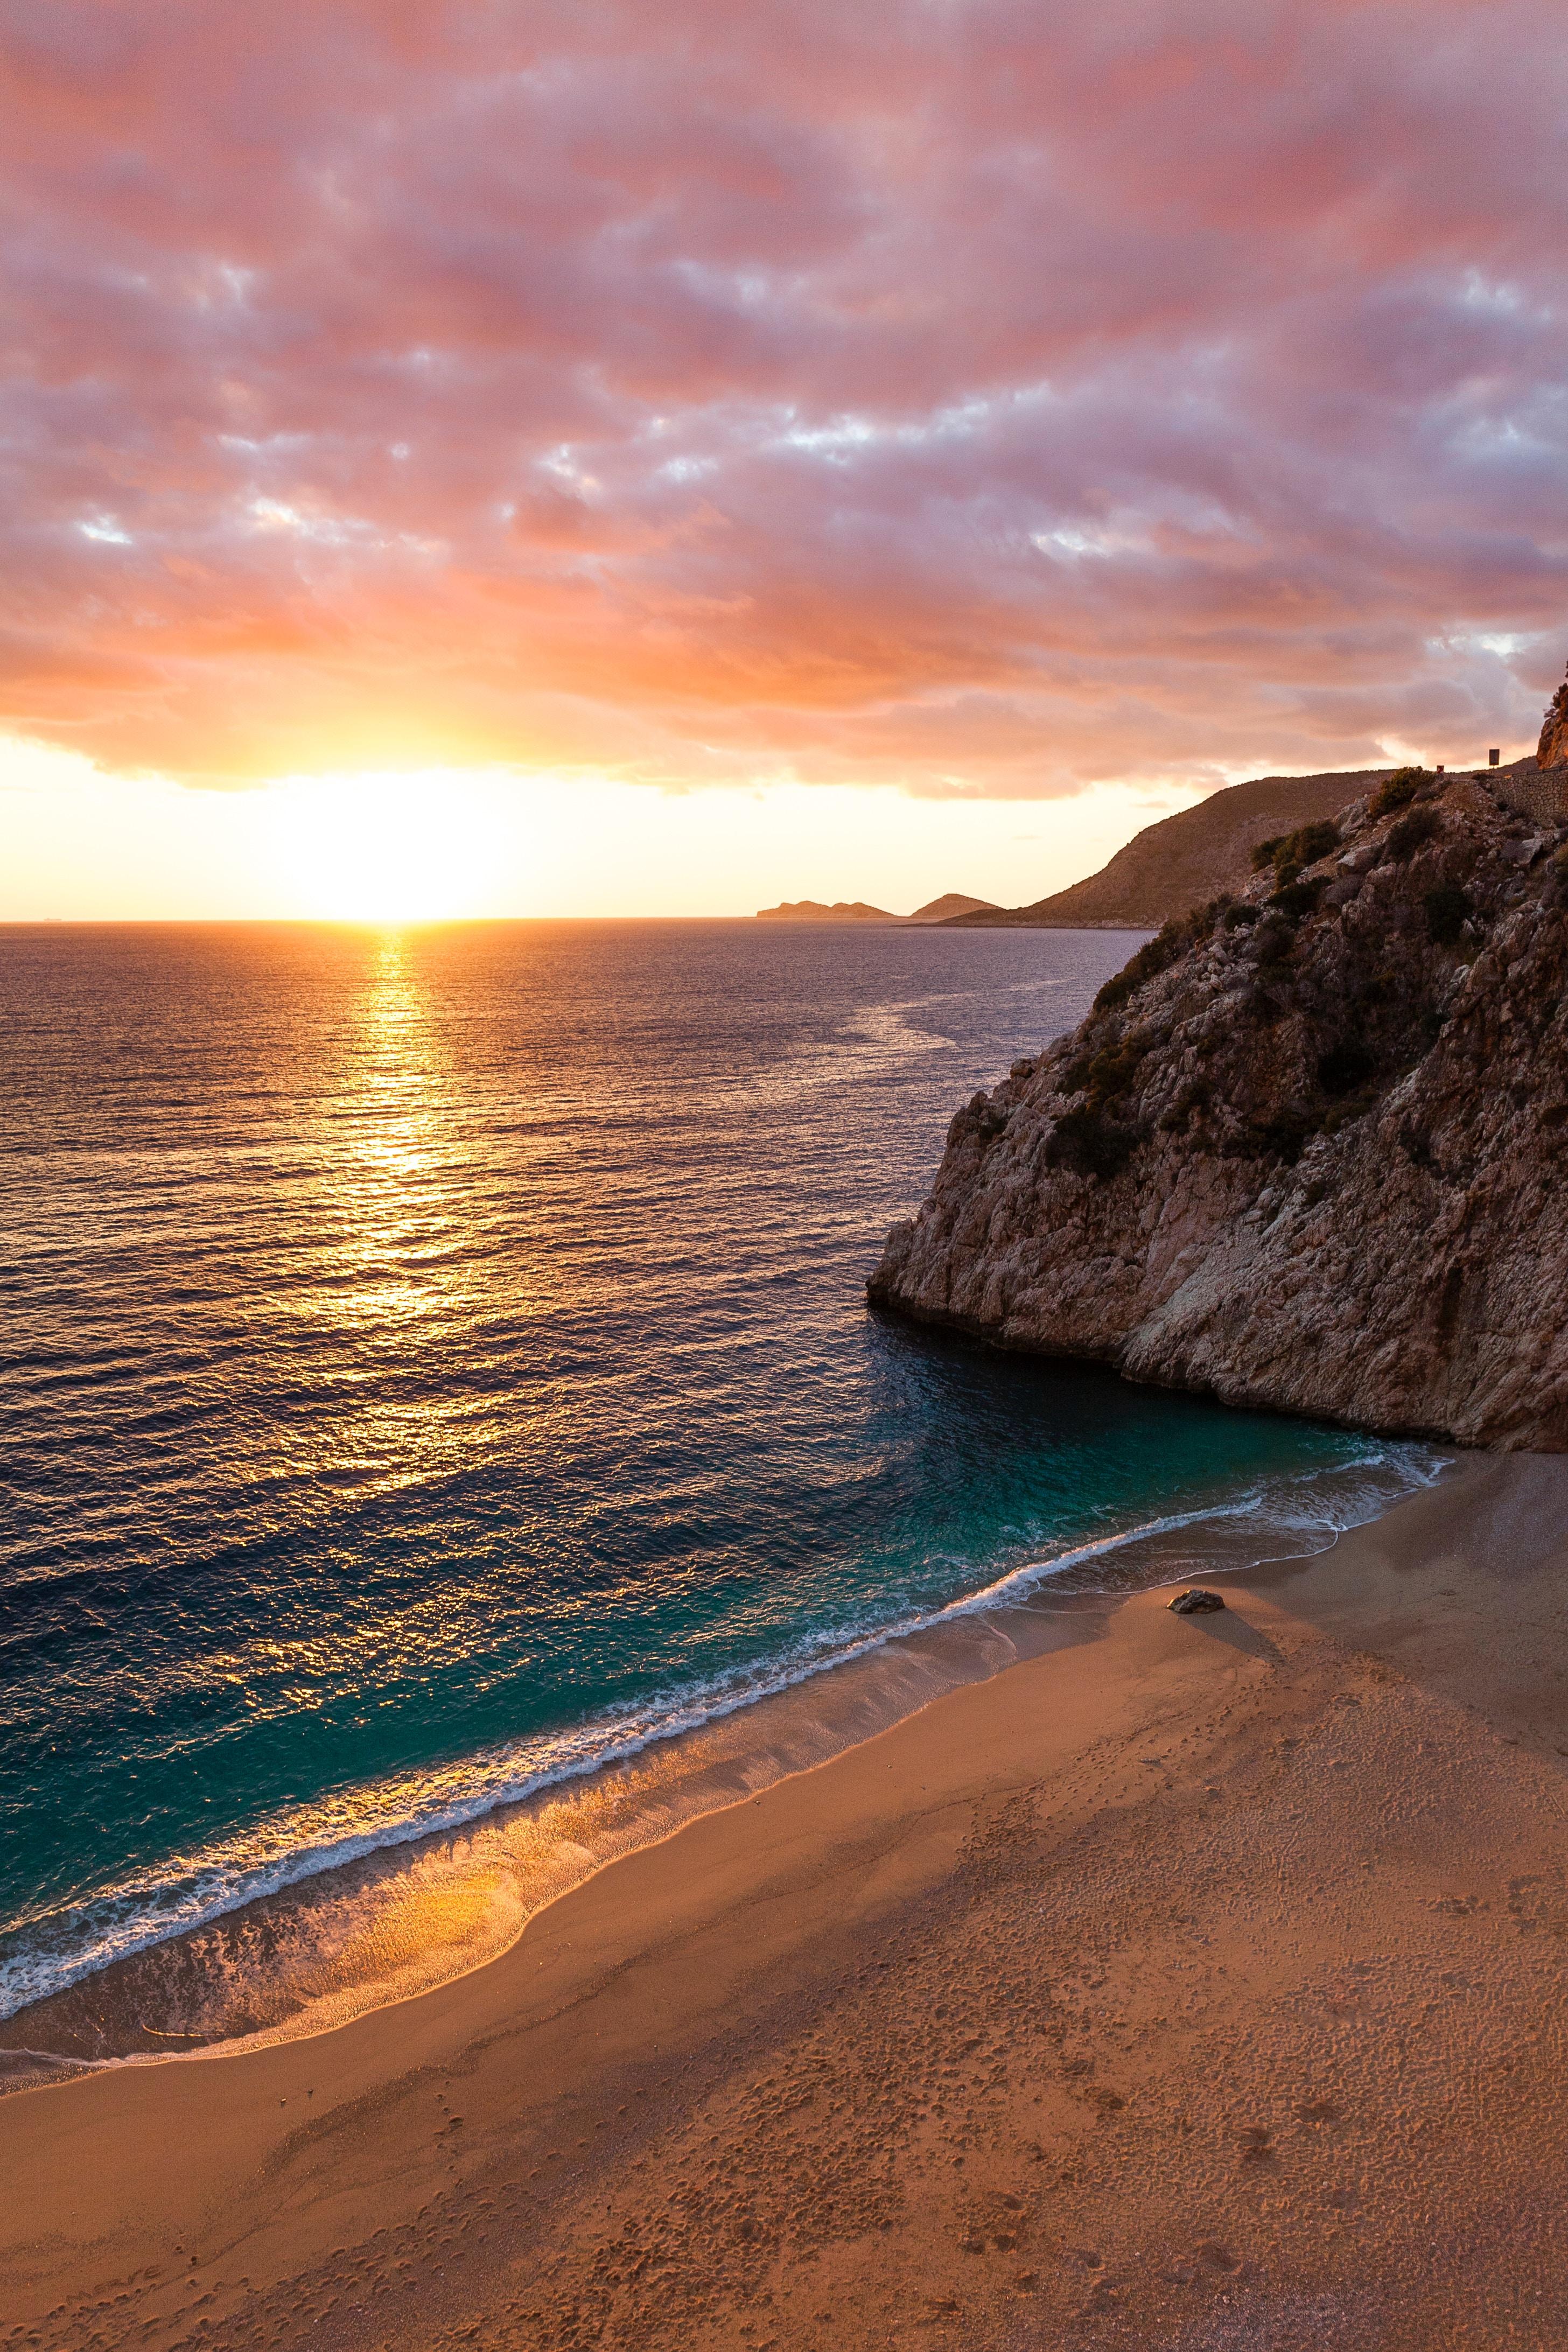 111037 papel de parede 720x1520 em seu telefone gratuitamente, baixe imagens Natureza, Pôr Do Sol, Mar, As Rochas, Rochas, Costa, Oceano 720x1520 em seu celular